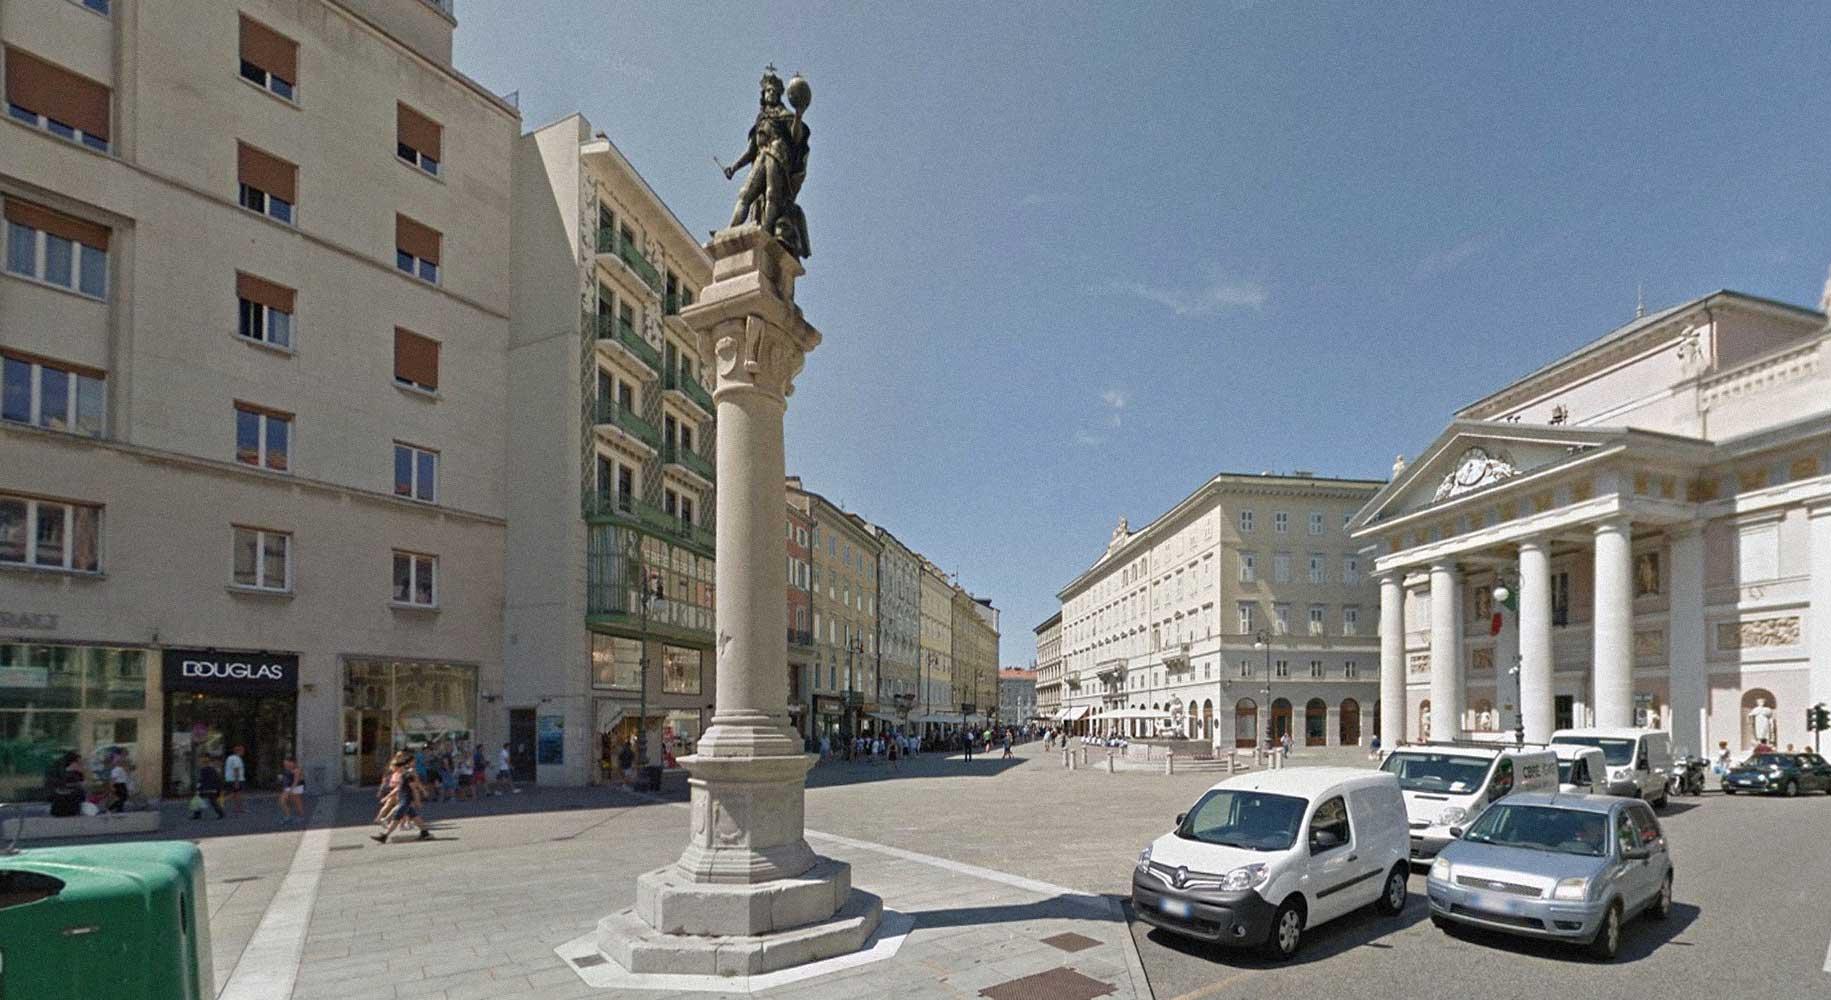 colonna monumento a Leopoldo I d'Austria in piazza della Borsa a Trieste - 2019